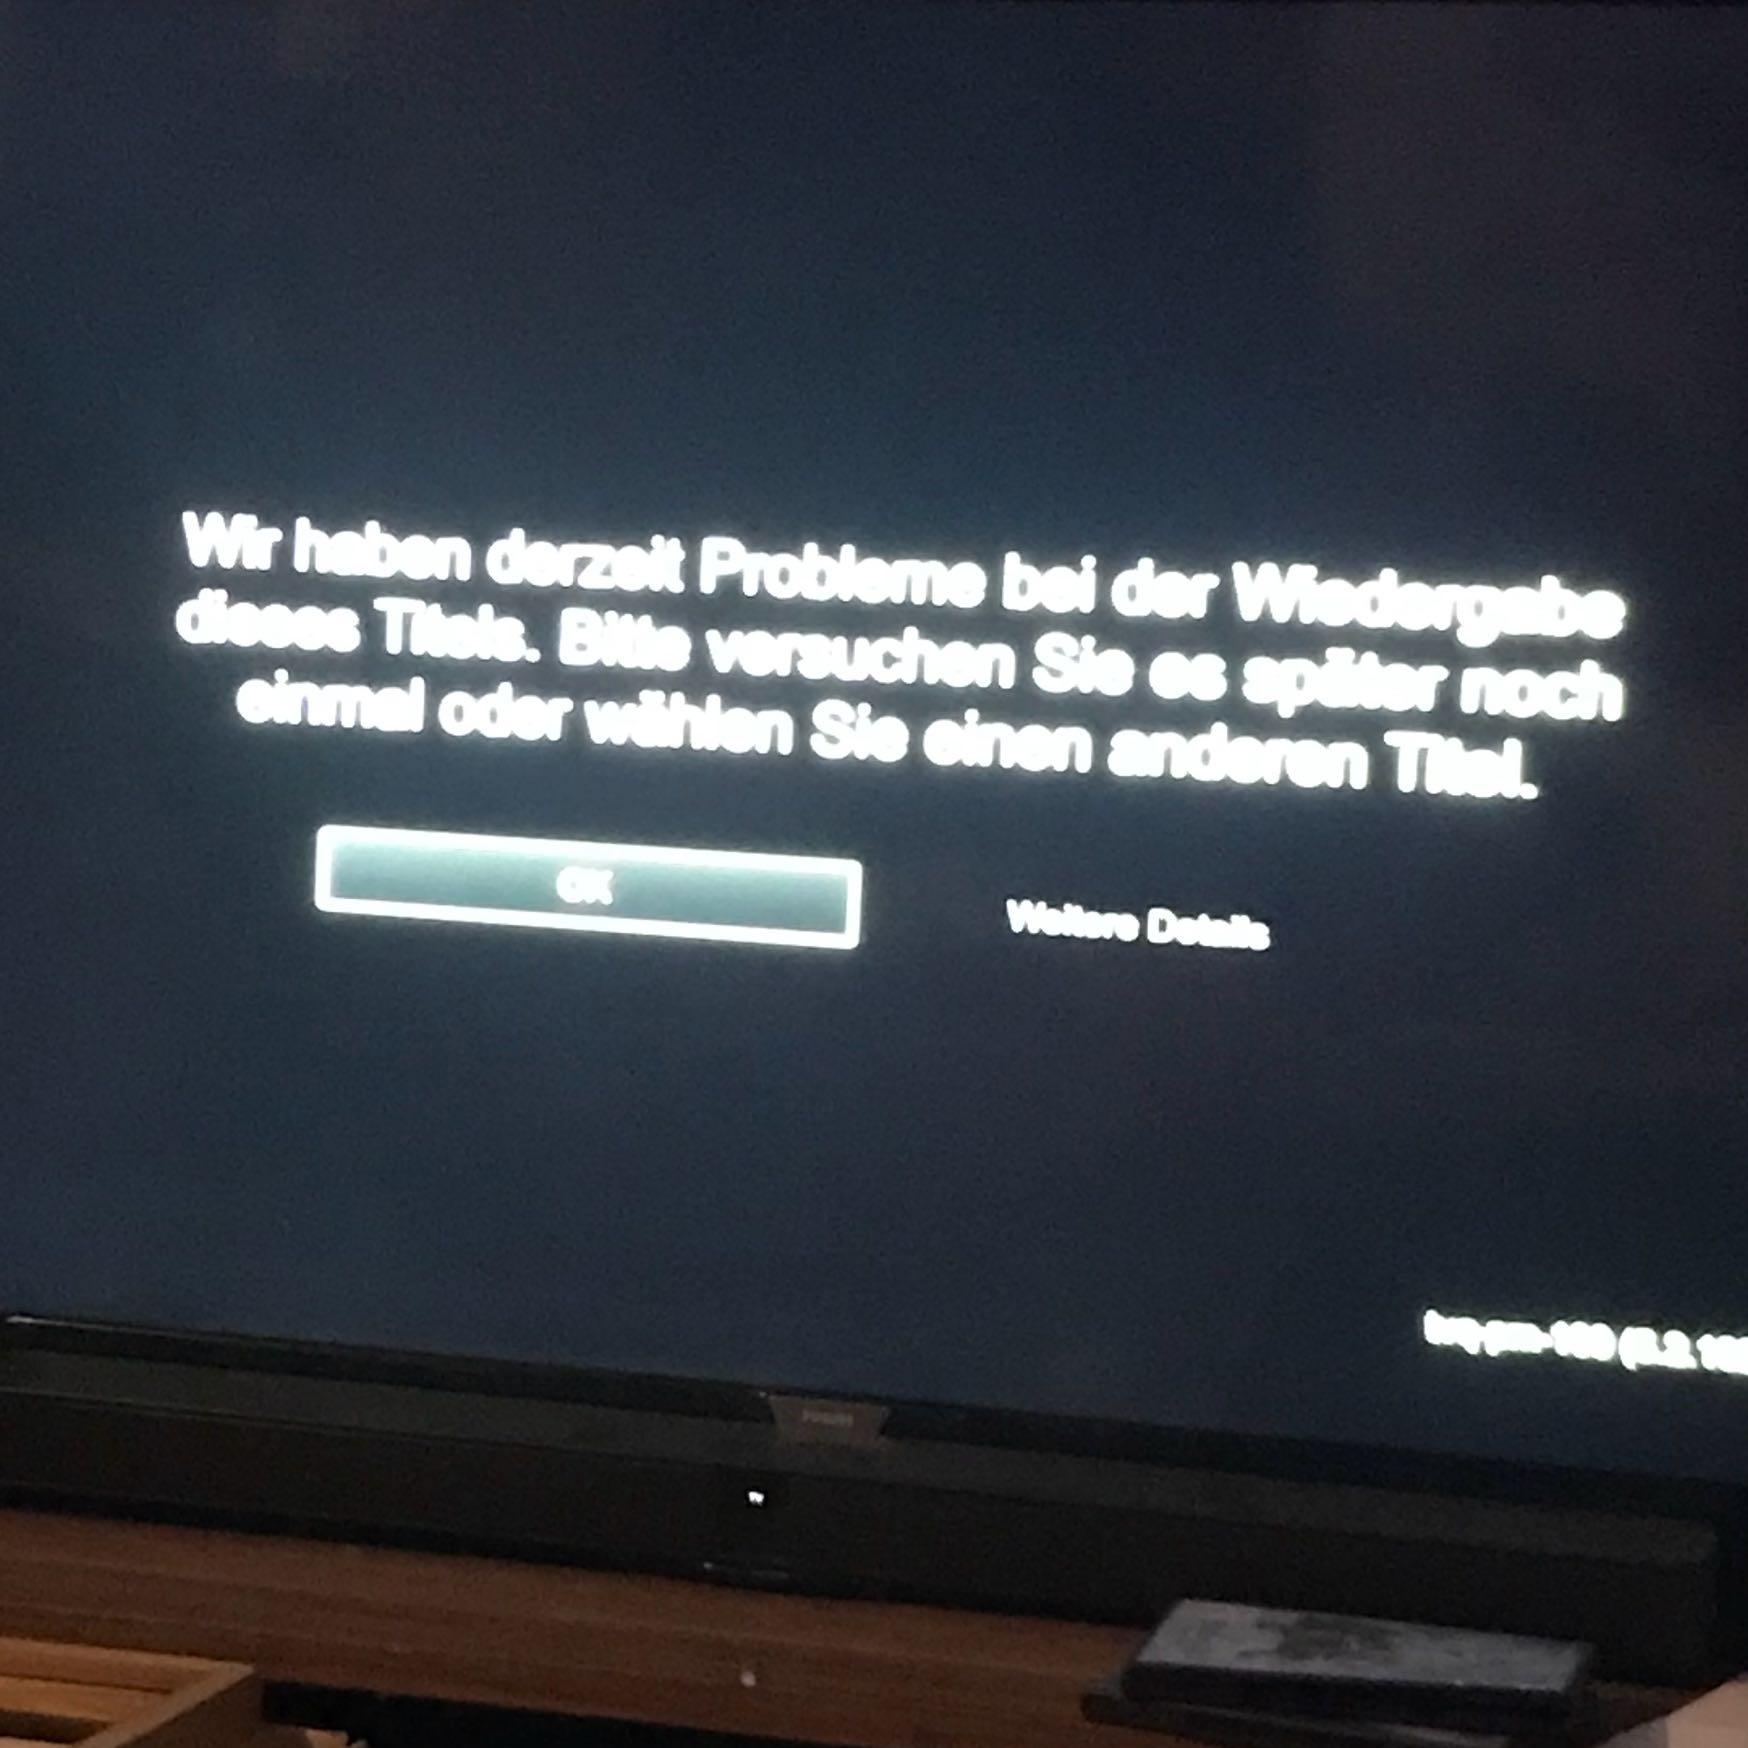 Netflix Probleme Bei Der Wiedergabe